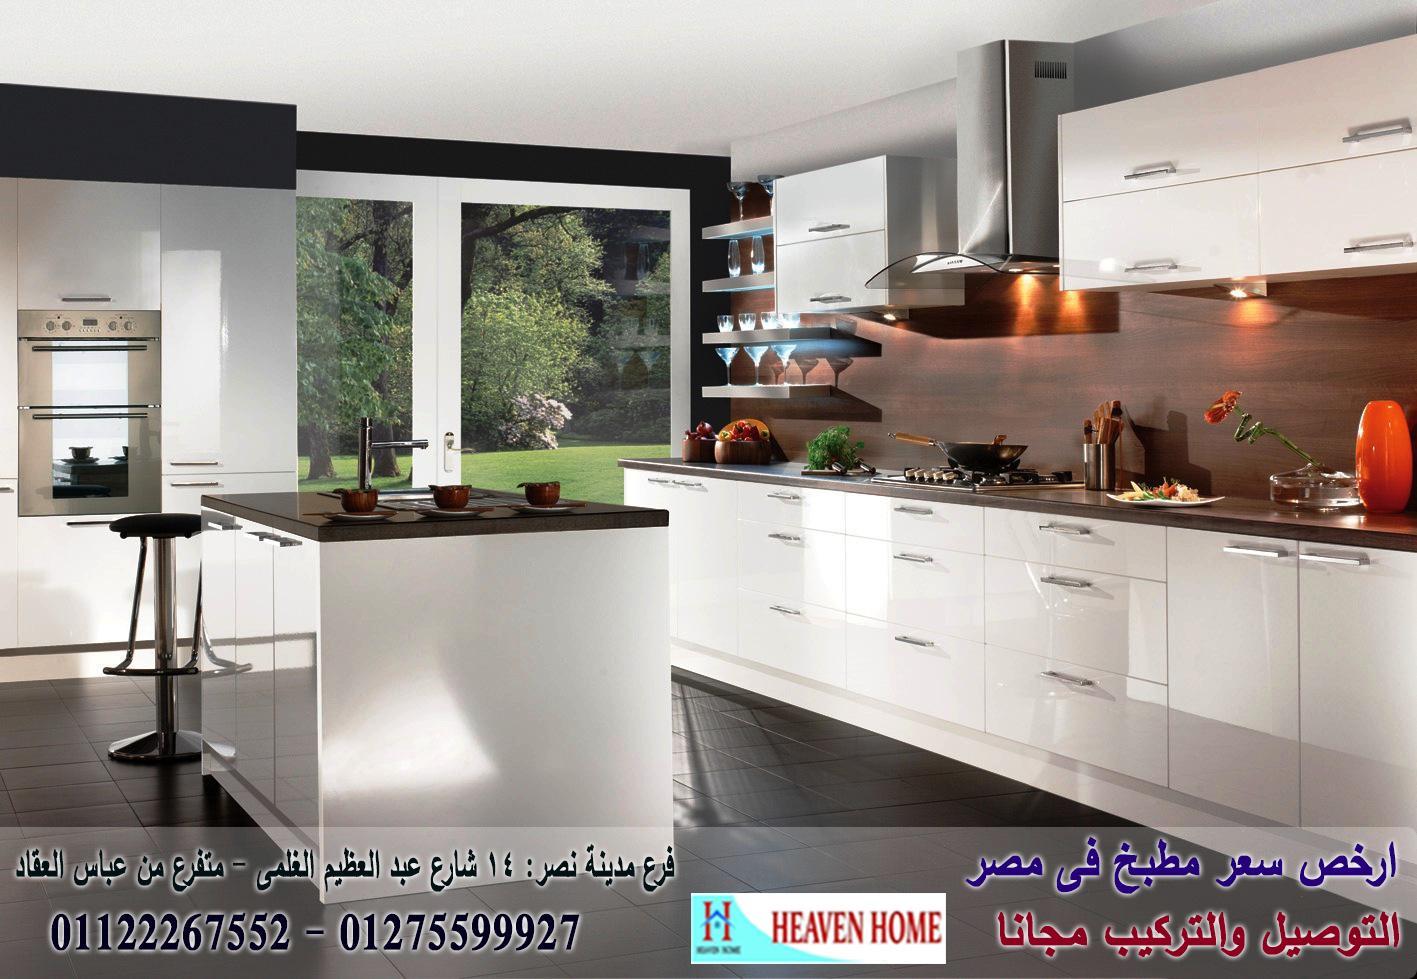 مطابخ خشب بولى لاك * استلم مطبخك فى 15 يوم 01275599927 664255434